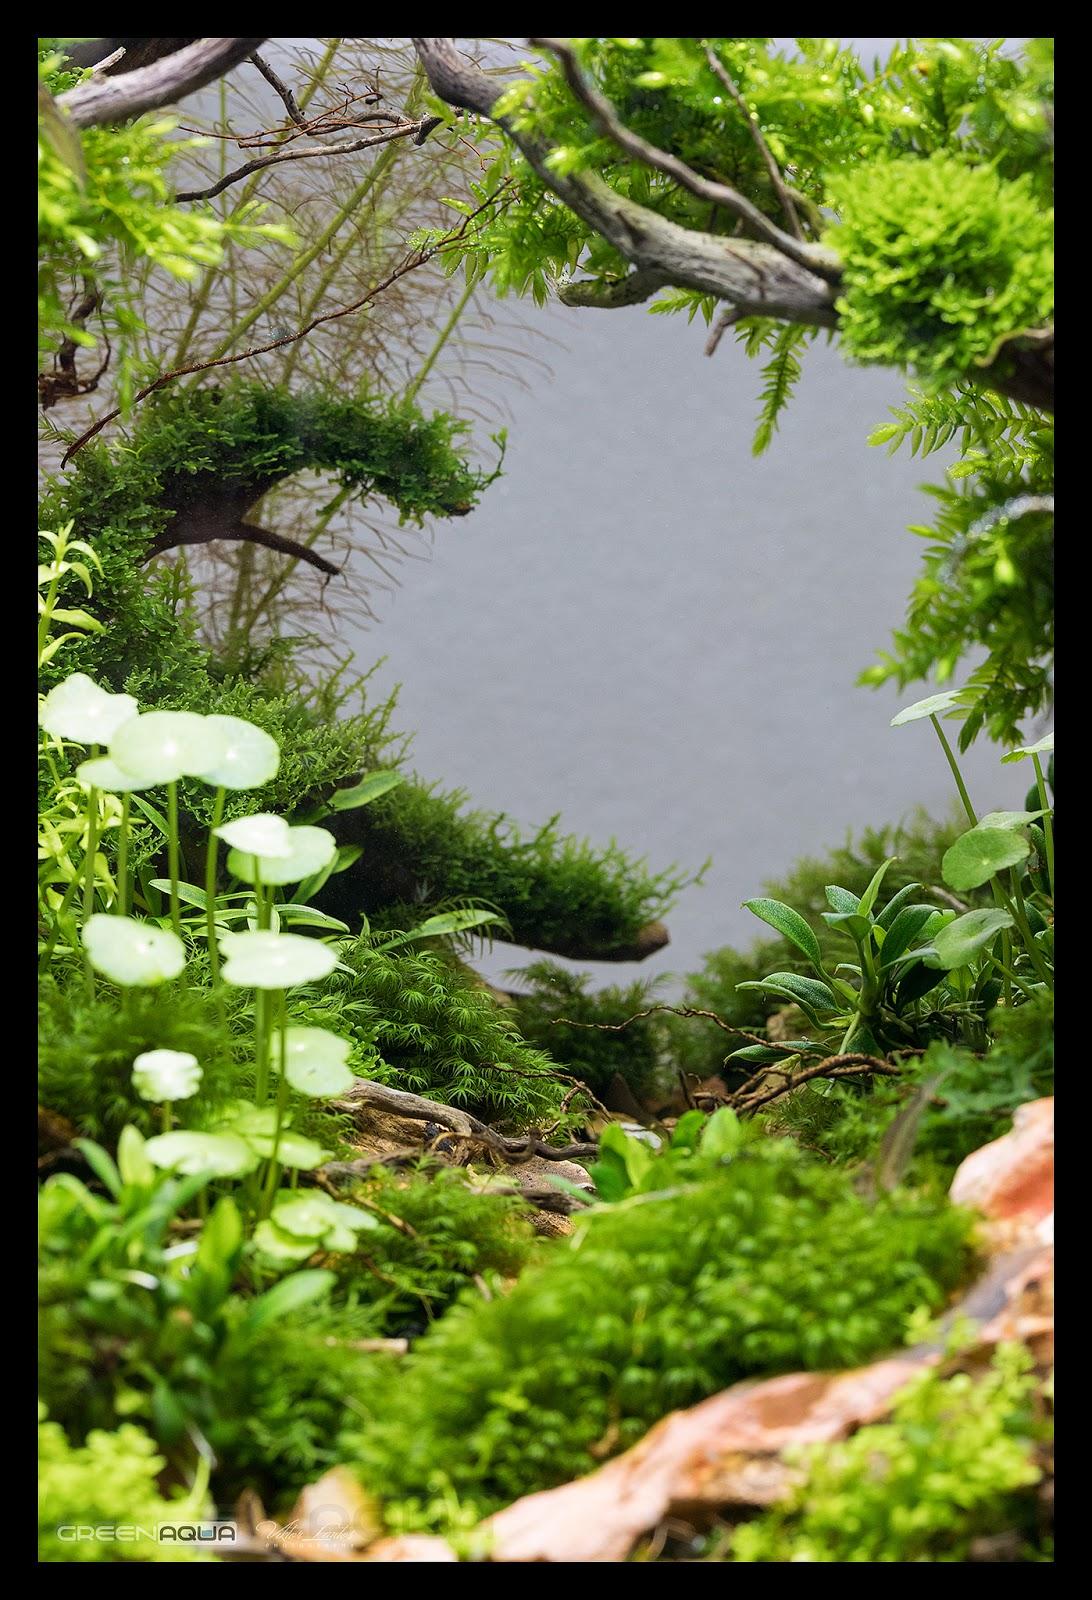 Cận cảnh rêu us fiss trong một hồ thủy sinh